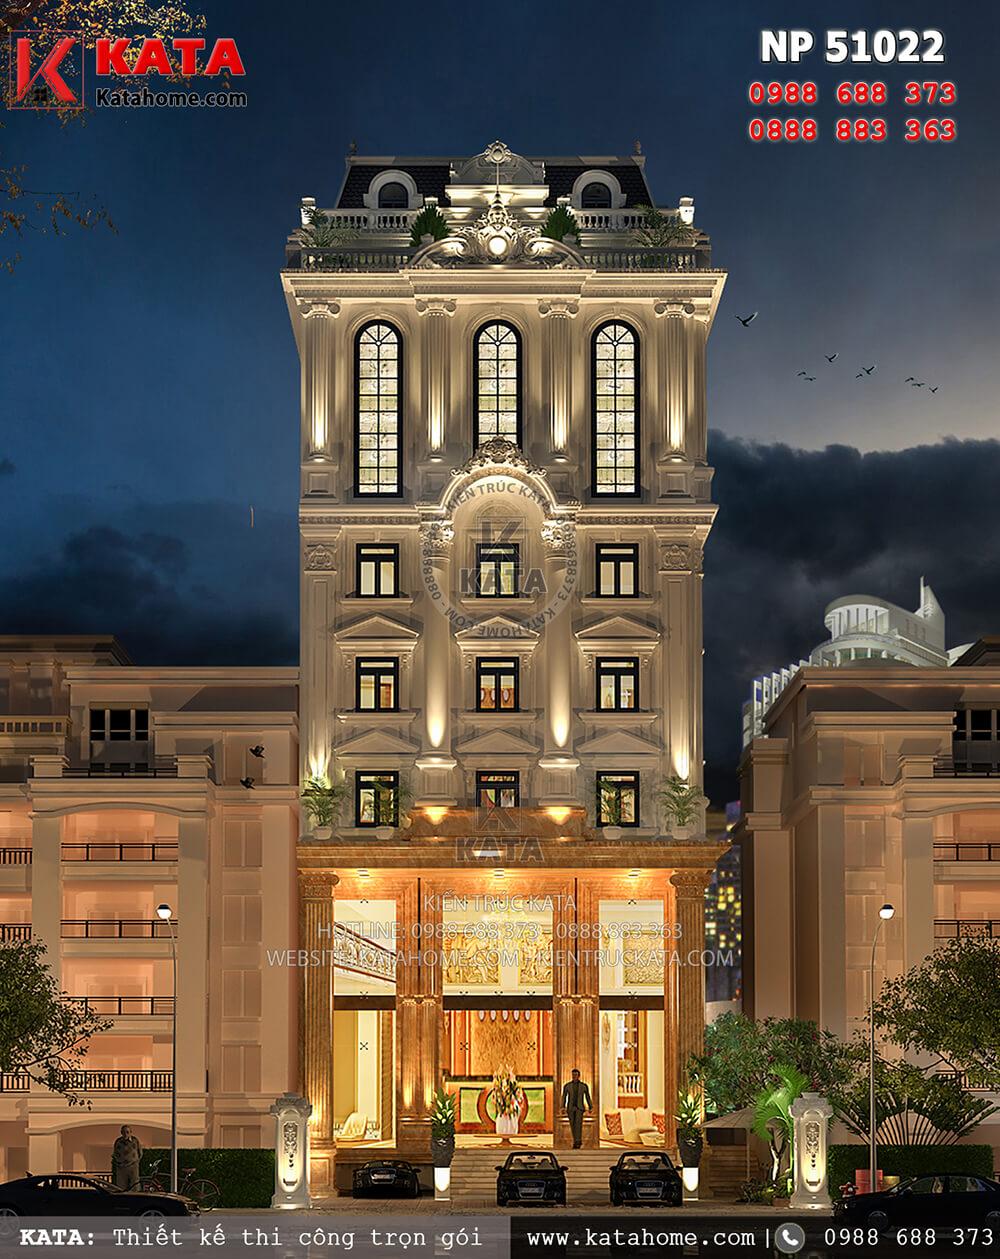 Khách sạn 5 tầng tân cổ điển tại Tam Đảo đạt tiêu chuẩn khách sạn 3 sao lung linh và lộng lẫy khi về đêm